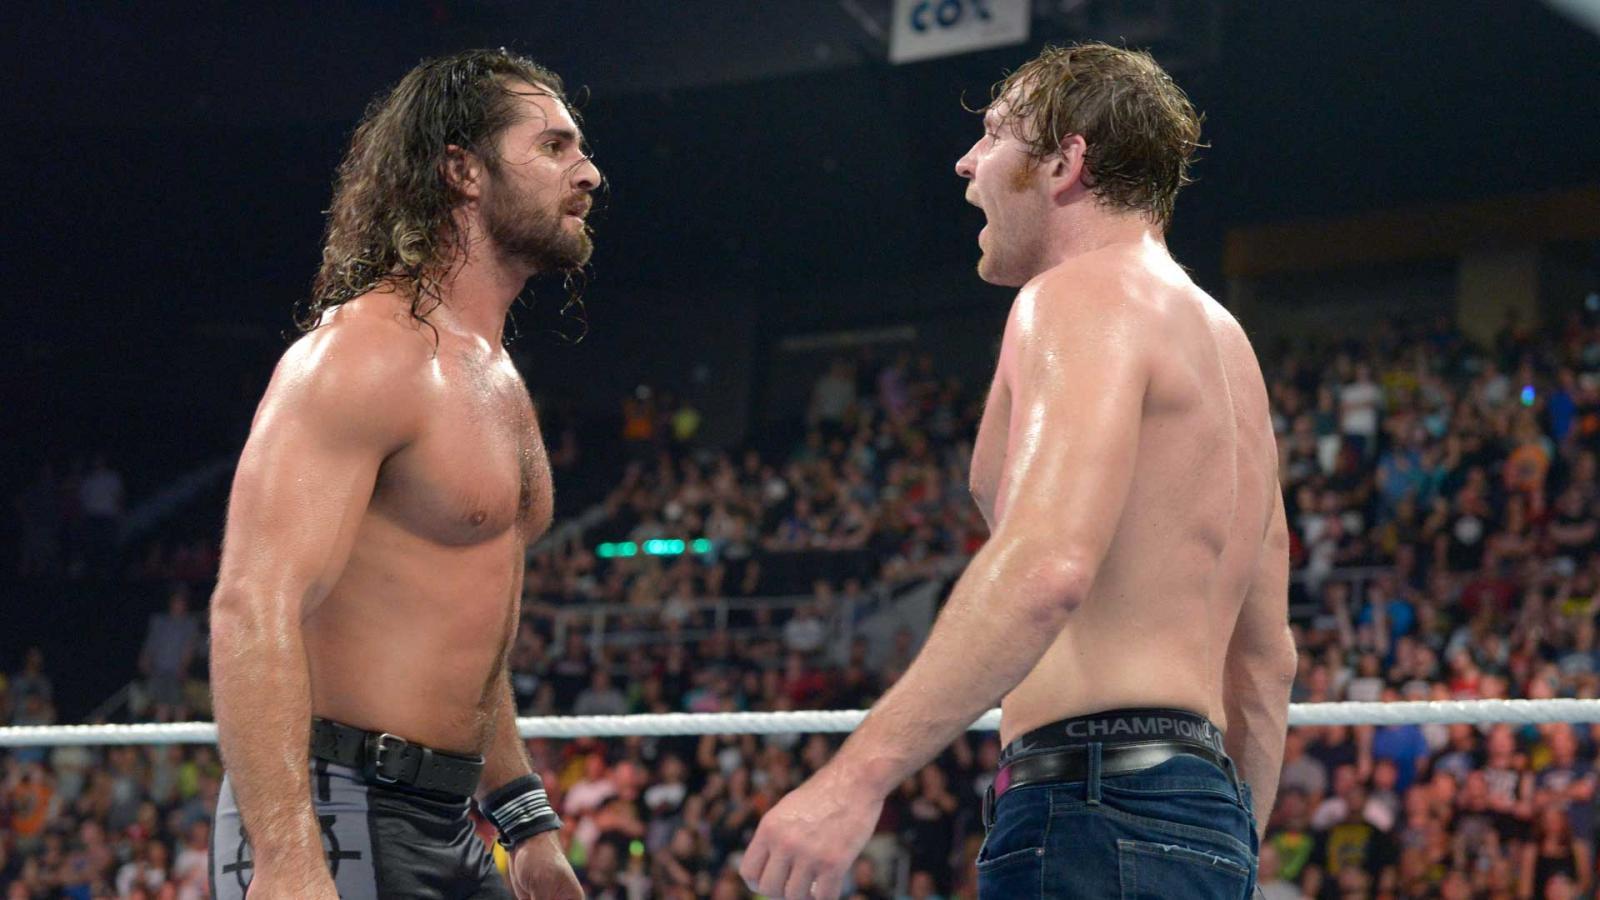 wwe न्यूज़ : रॉयल रंबल मैच के लिए इस बड़े रेसलर ने की अपने नाम की घोषणा 11